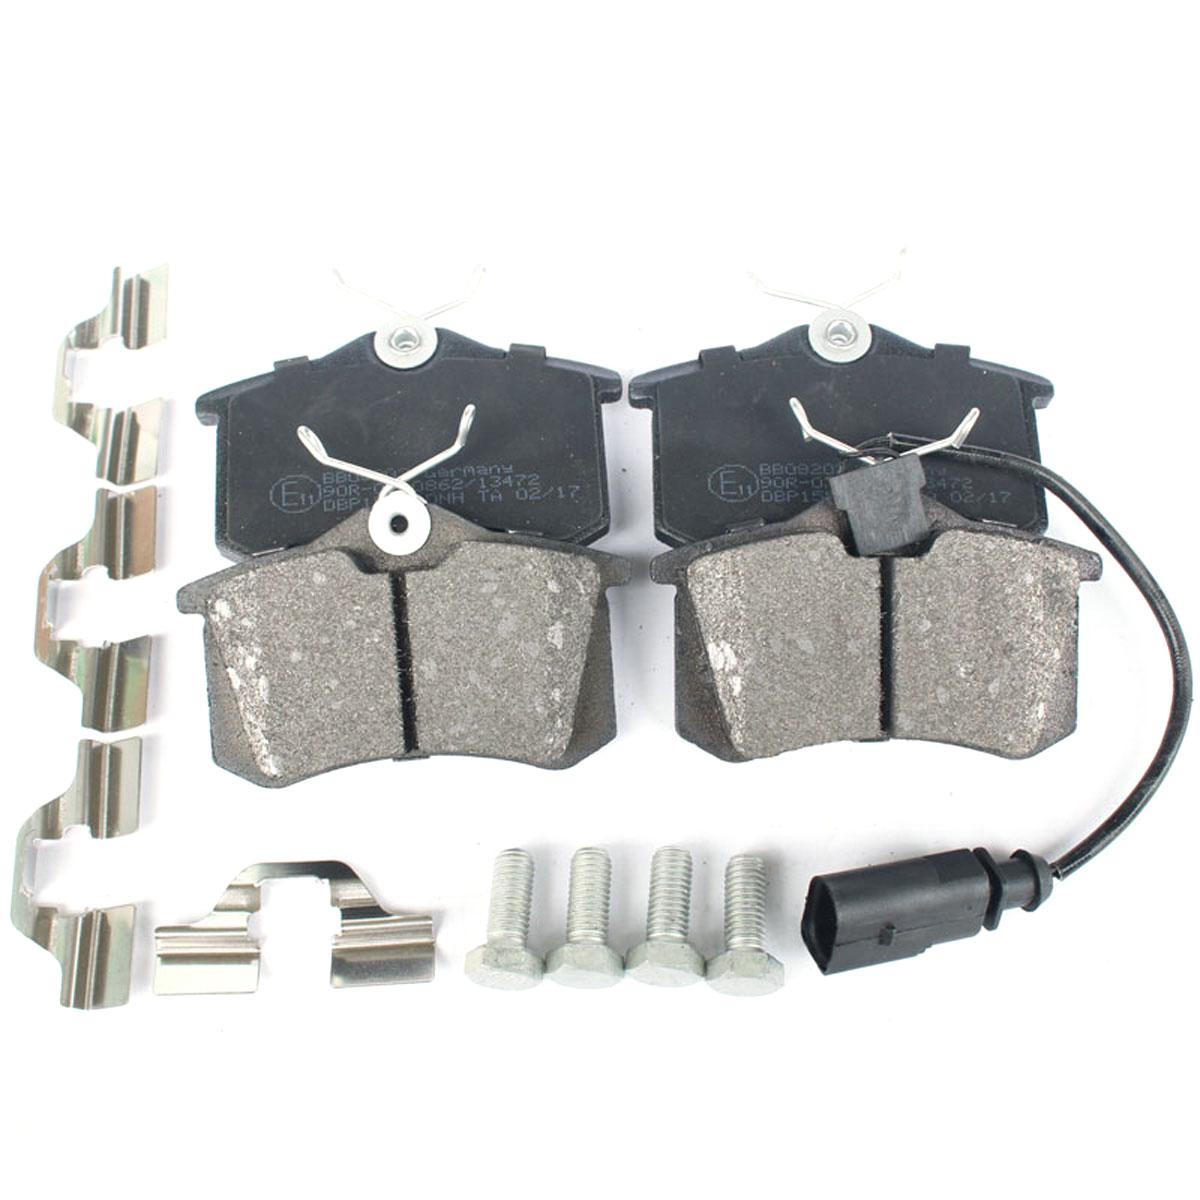 Bremsbelagsatz, Hinterachse für Ford Galaxy WGR 1.9 TDI  BB08202